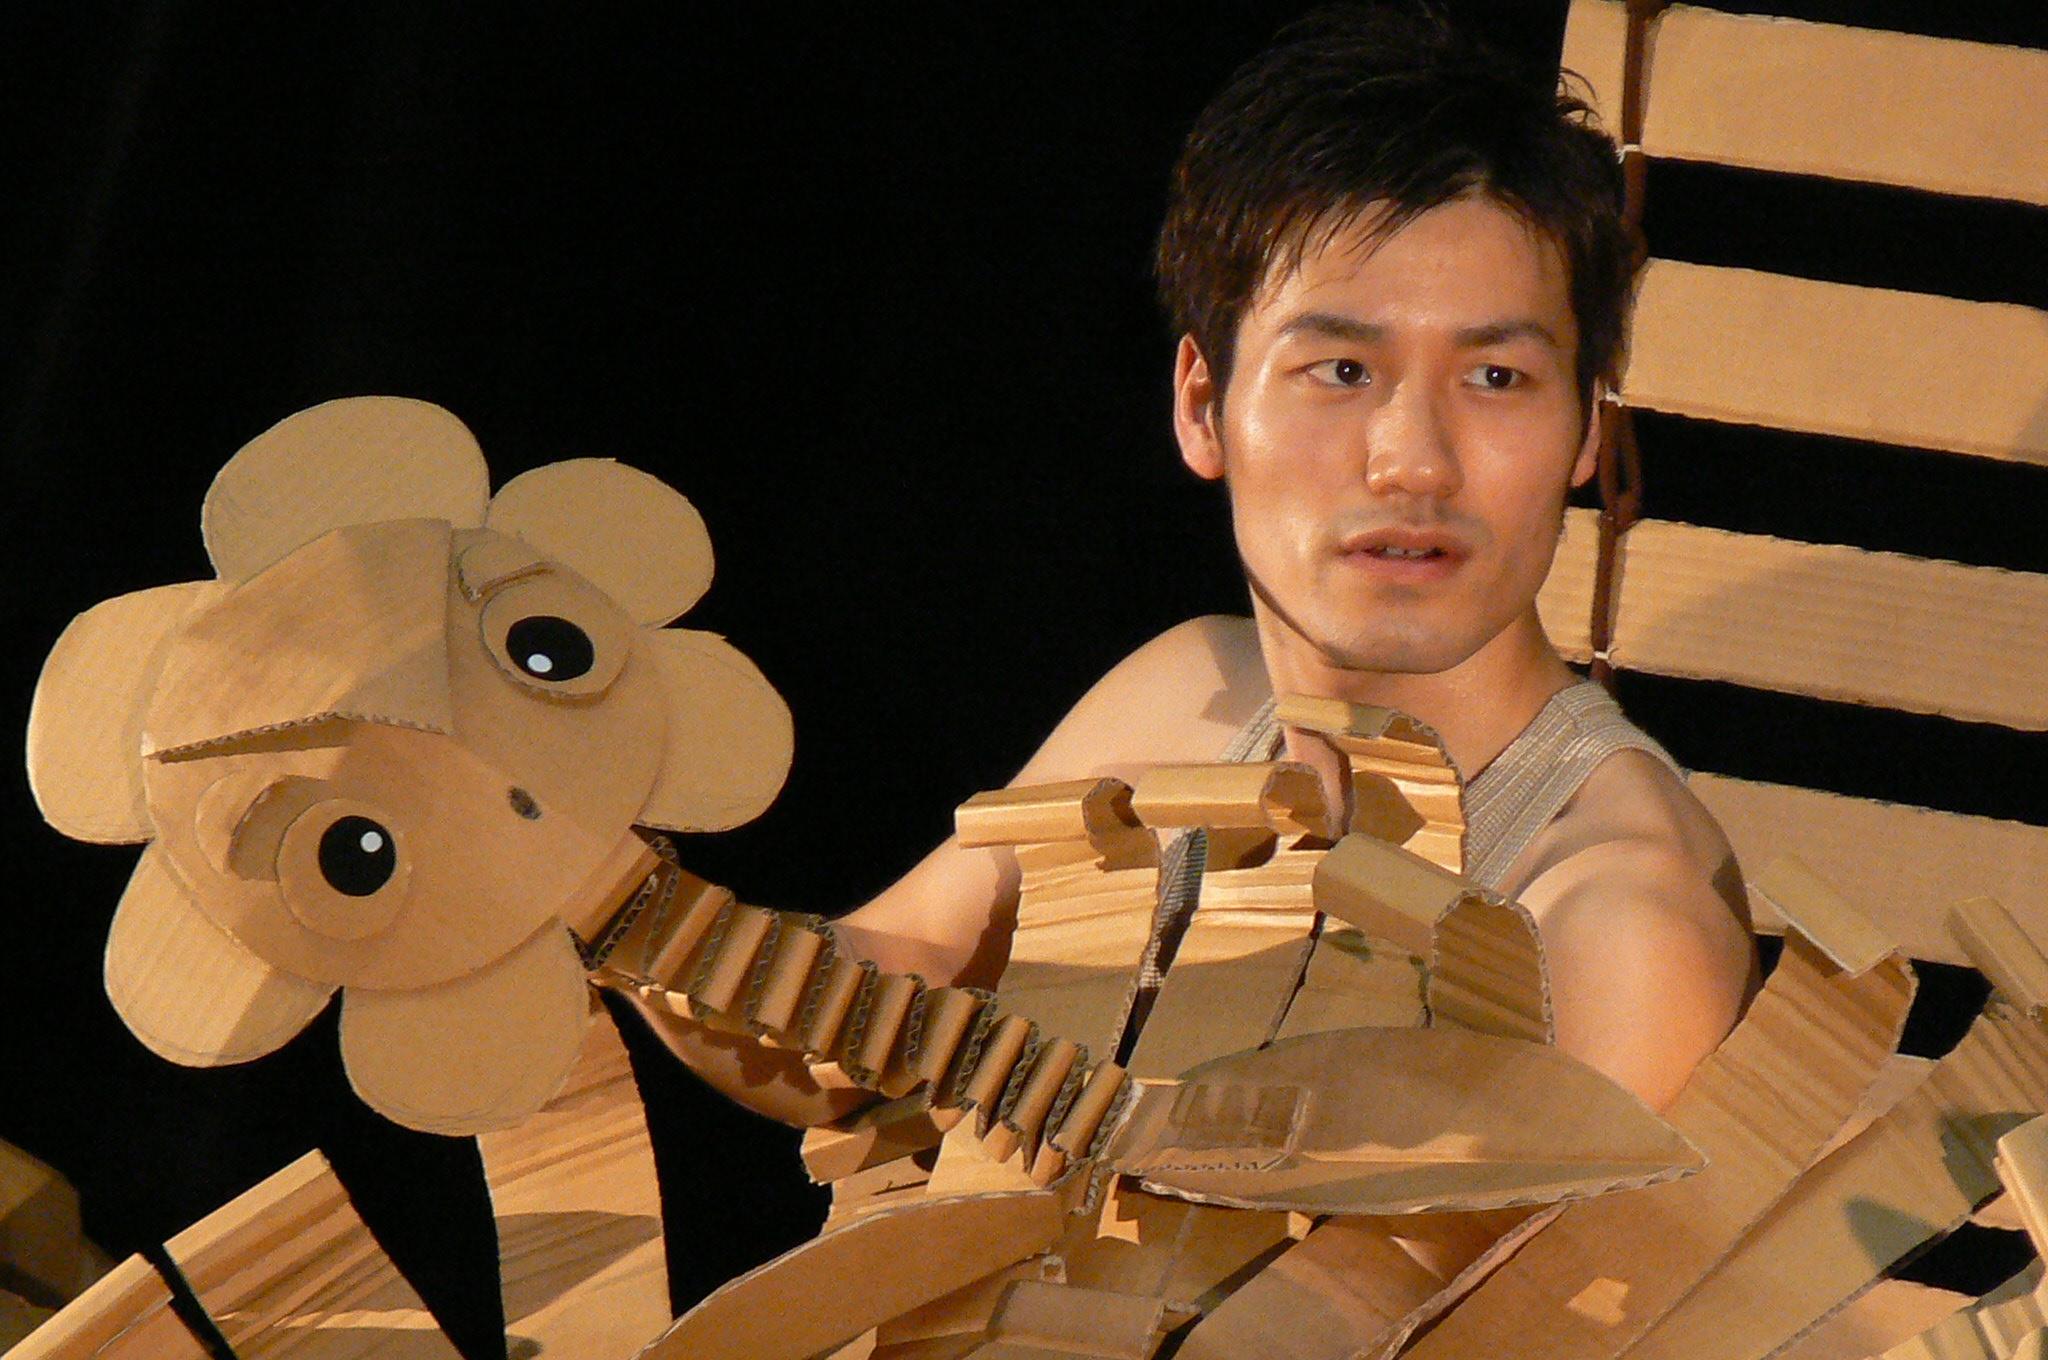 「キッズワールド2013スペシャル」 ダンボール人形劇場《お花のハナックの物語》